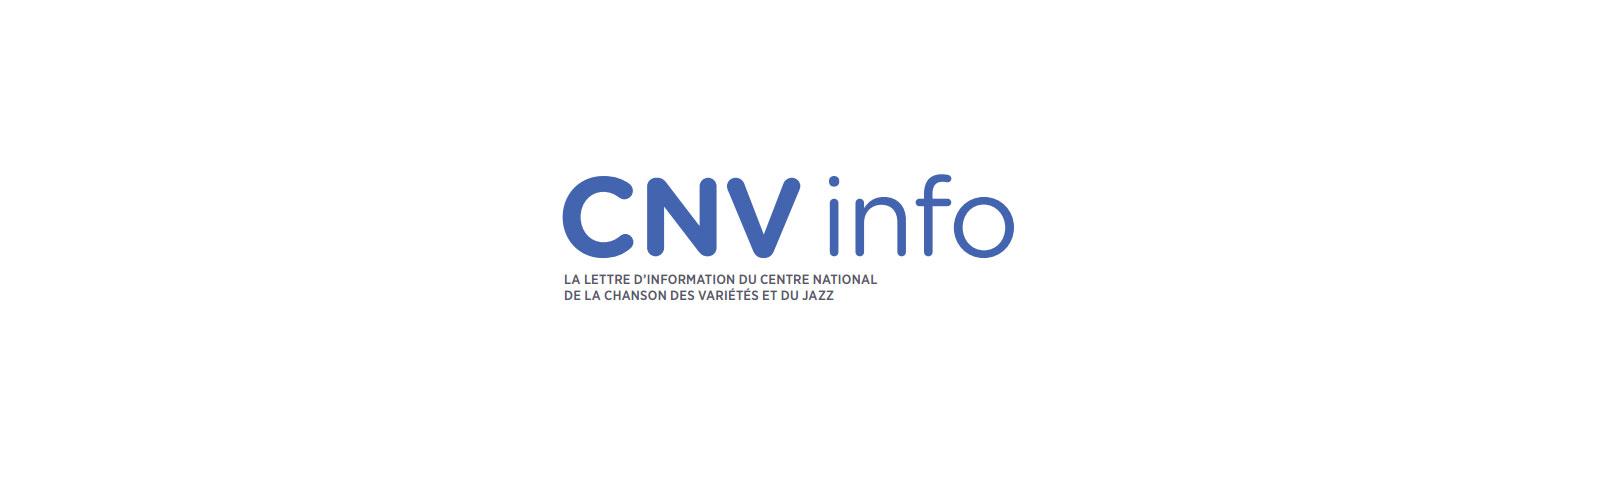 cnv-info-billetterie-n35